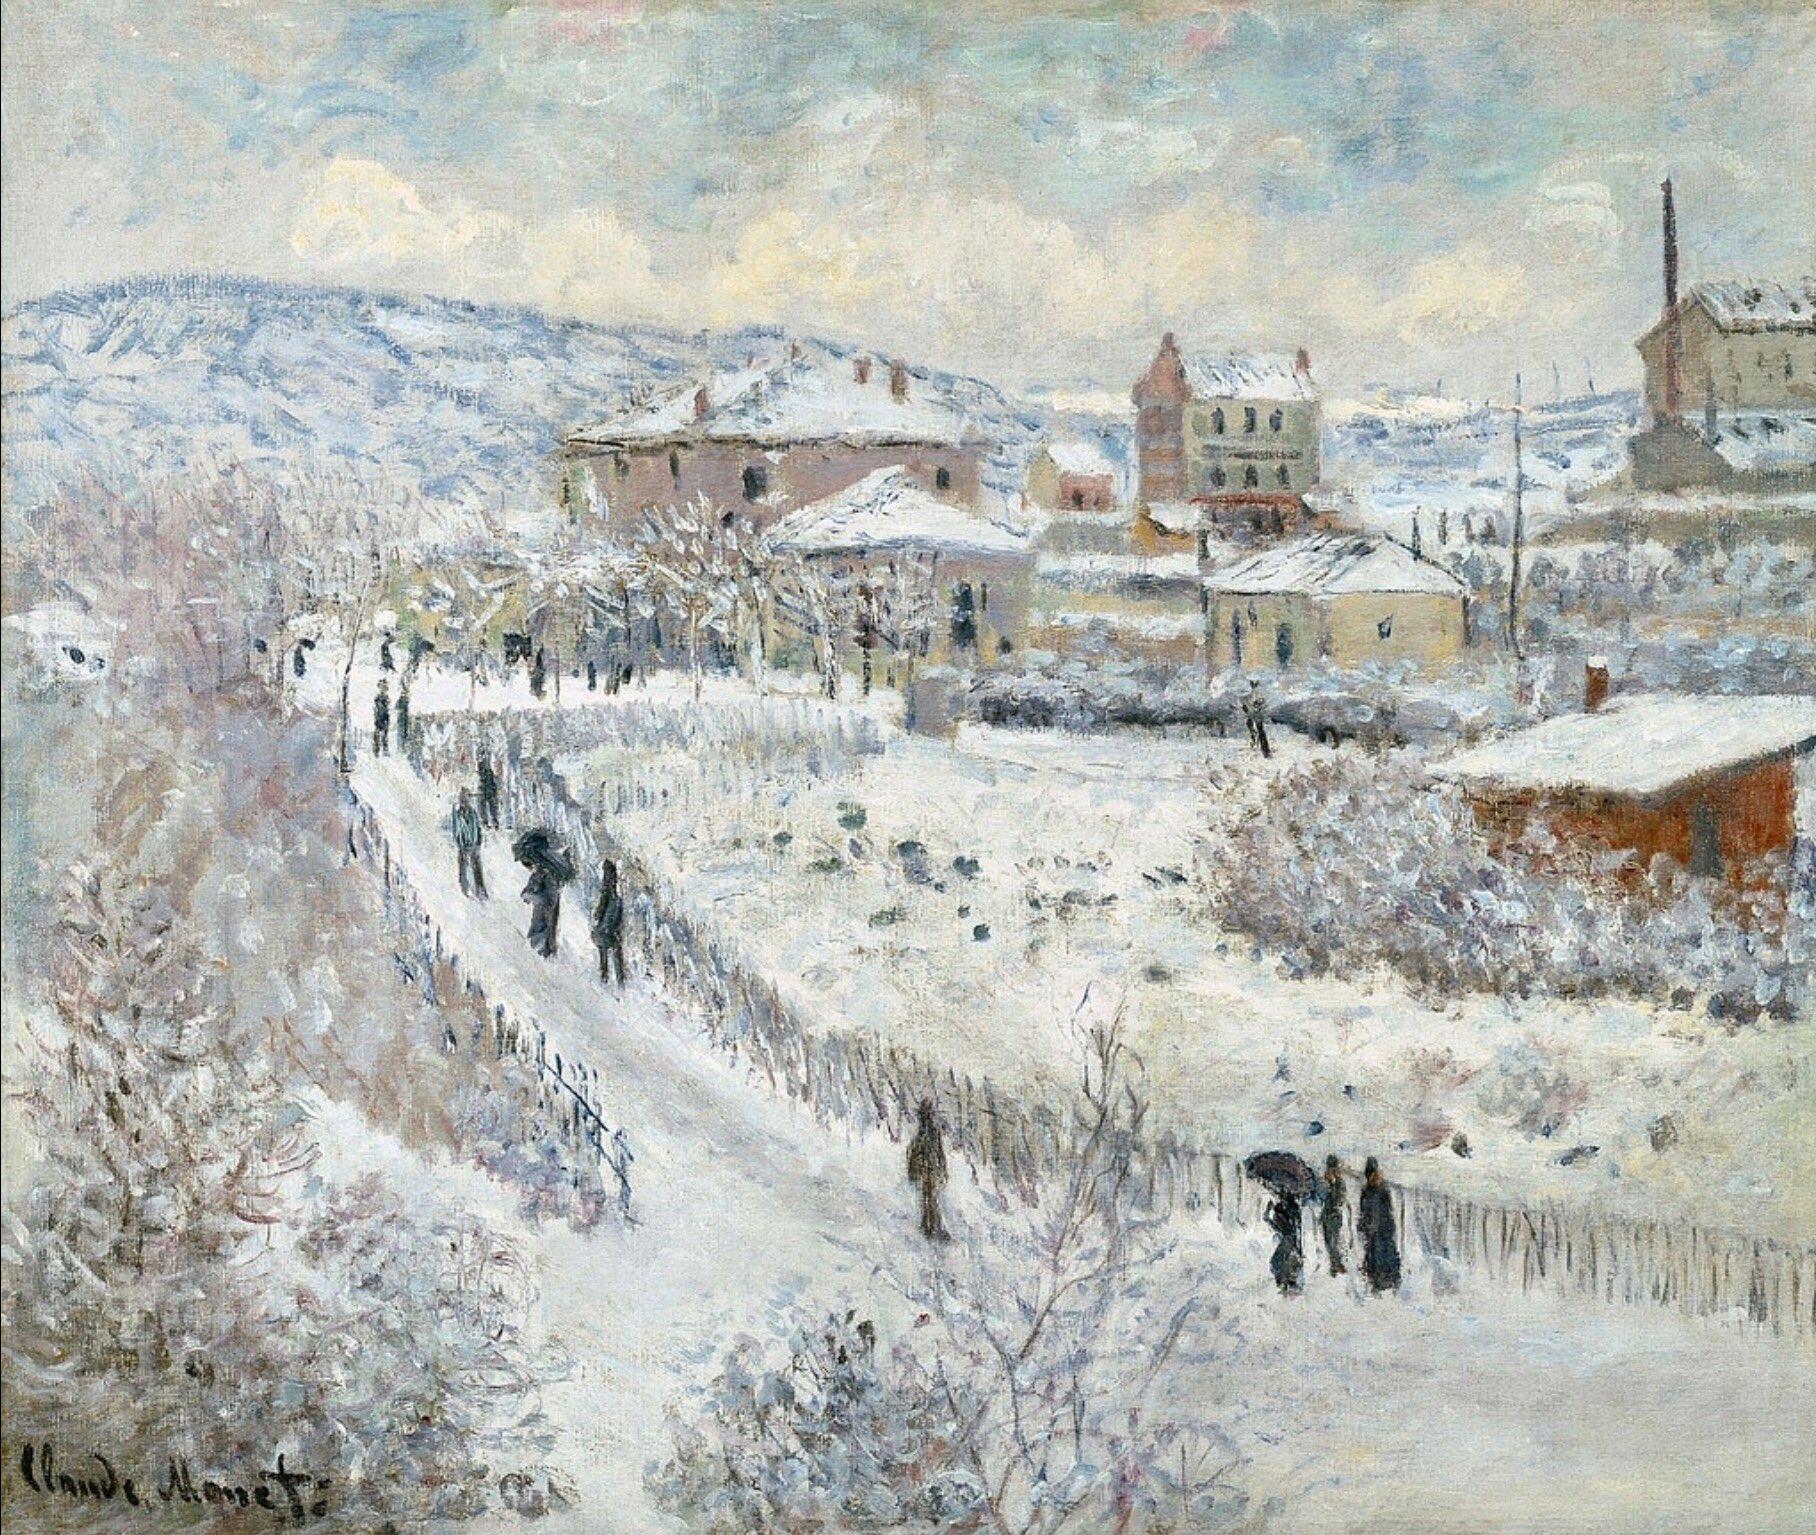 """Ella 🇮🇹 trên Twitter: """"MONET Vista di Argenteuil nella neve 1875  paesaggio come sospeso e delicatezza di quelle figurine #ArtLovers  #December @Asamsakti @Biagio960… https://t.co/DLnEIA7kDA"""""""